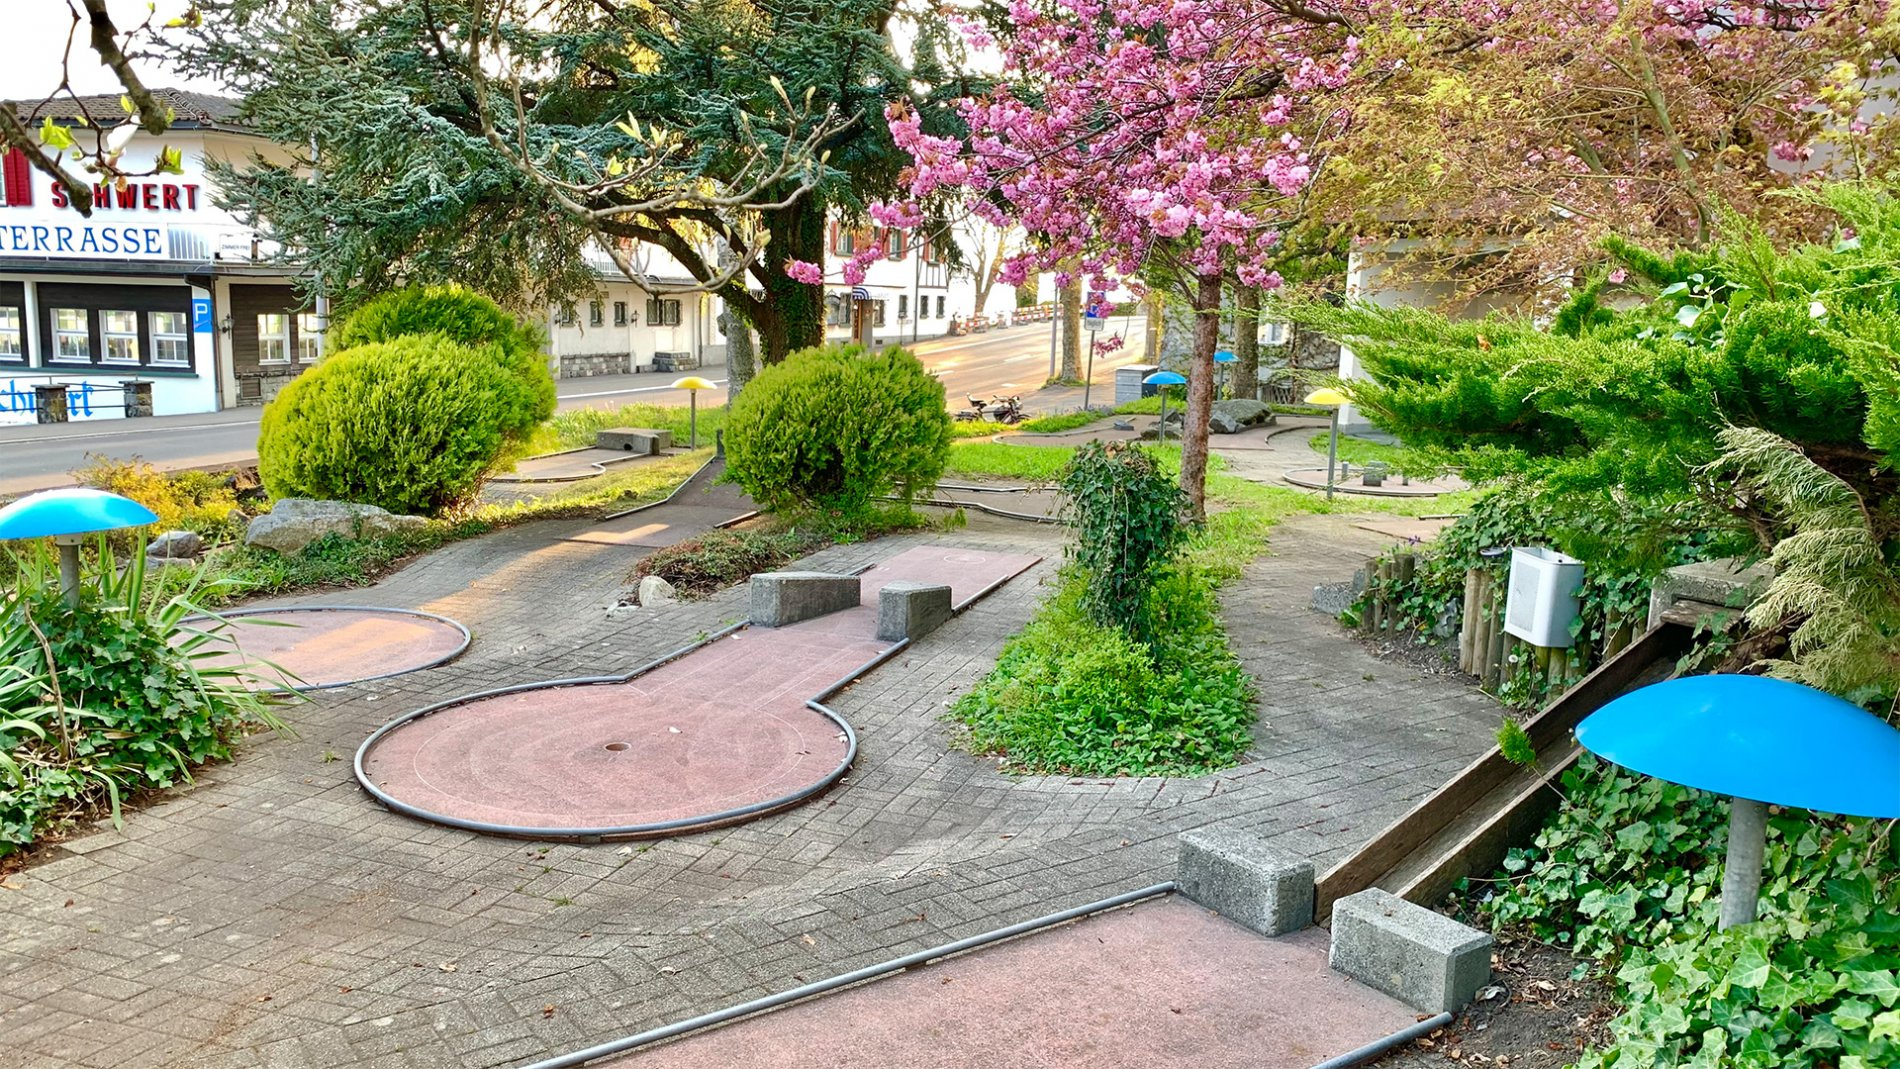 Die idyllische Minigolfanlage in Gersau